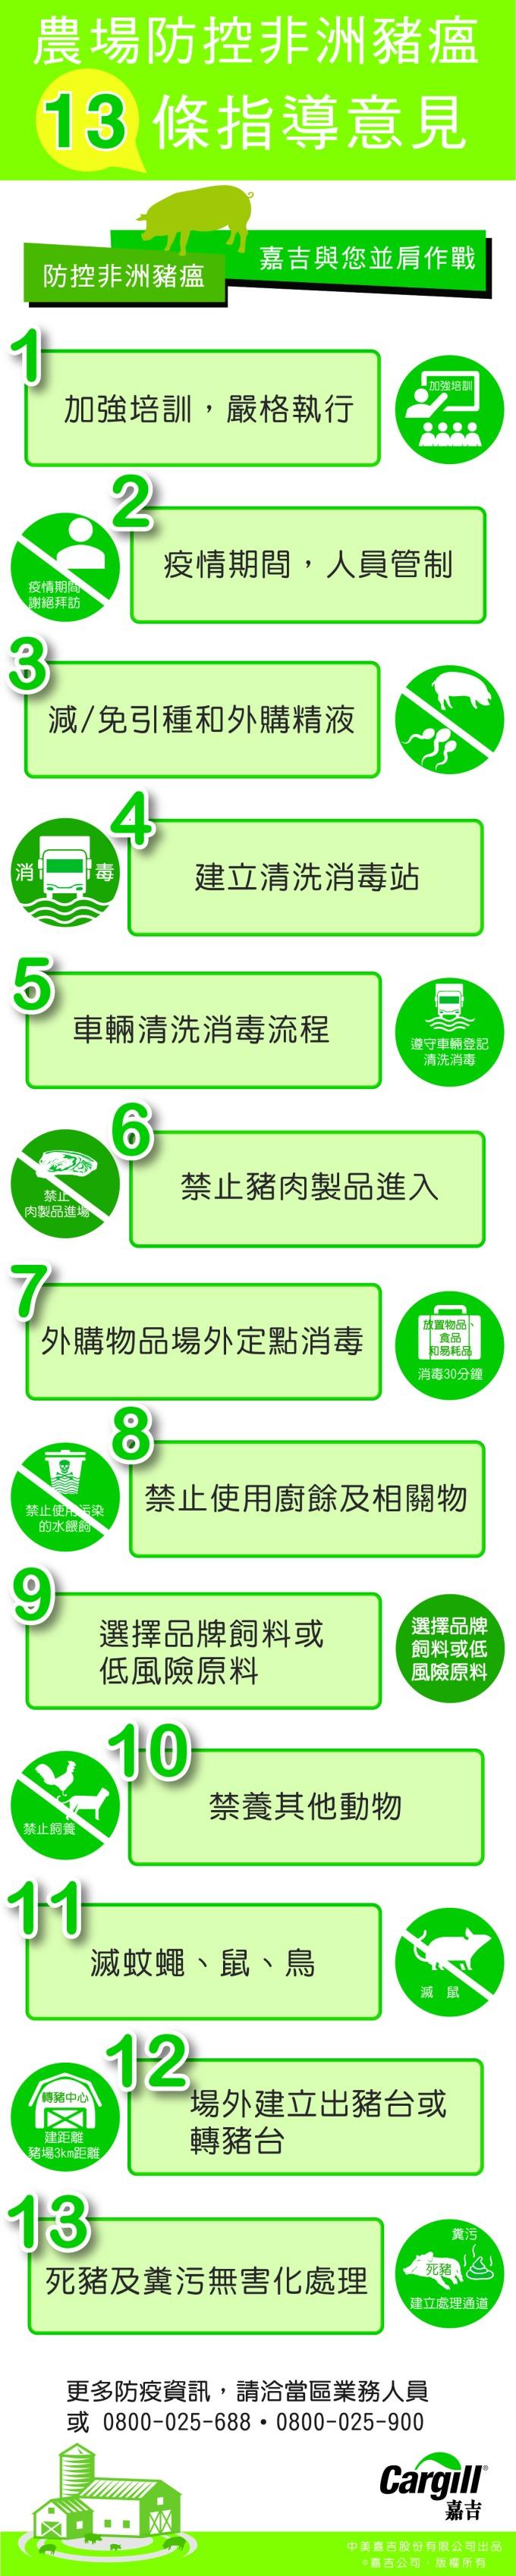 13條指導意見